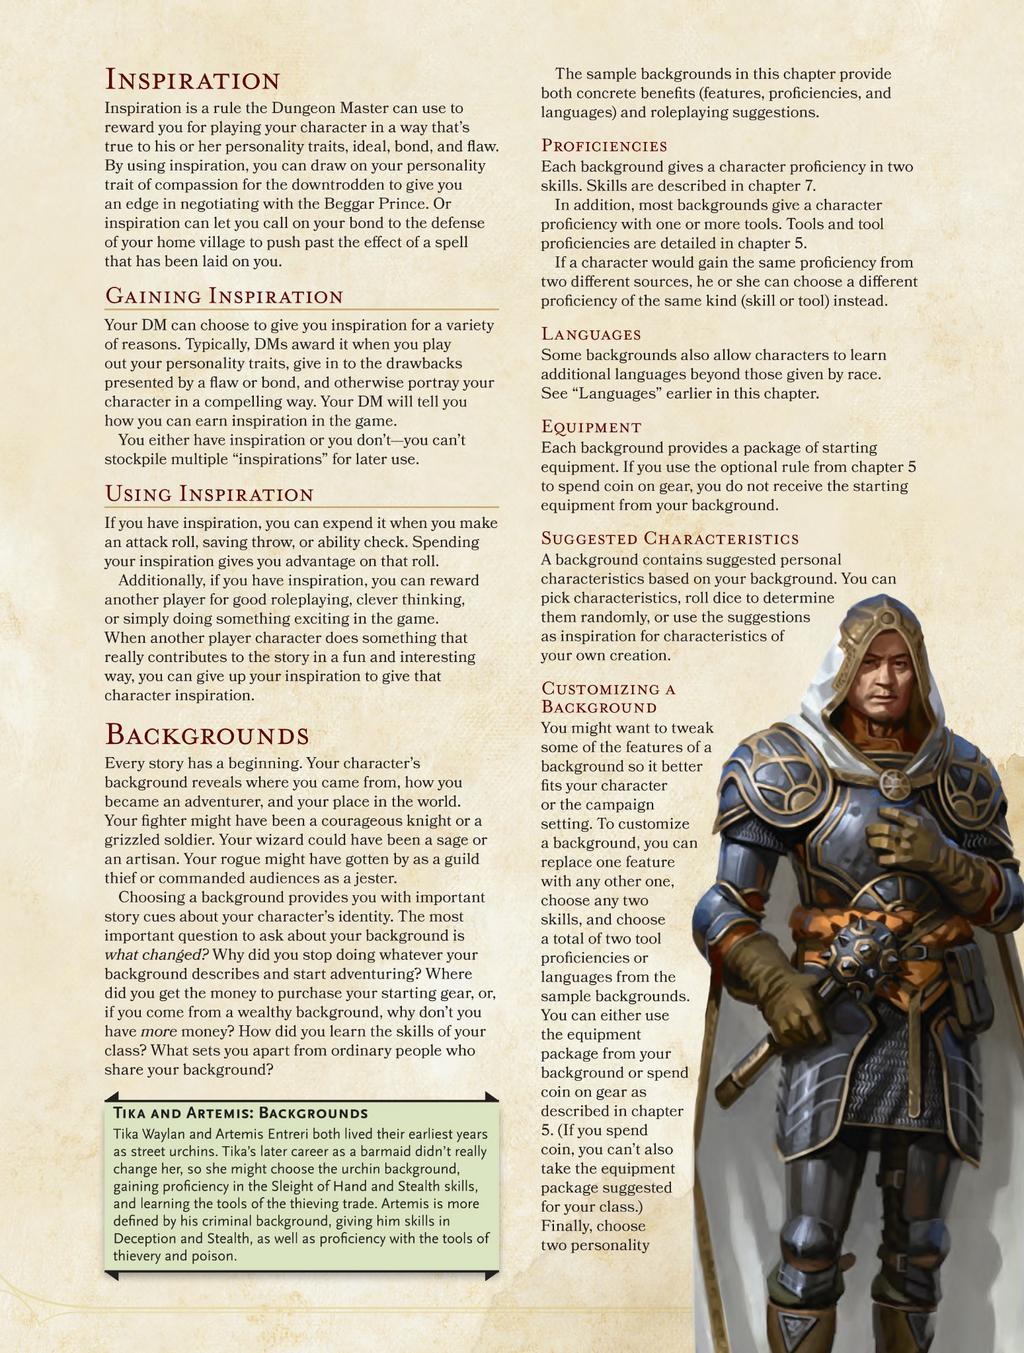 Player's Handbook Backgrounds (D&D 5E)